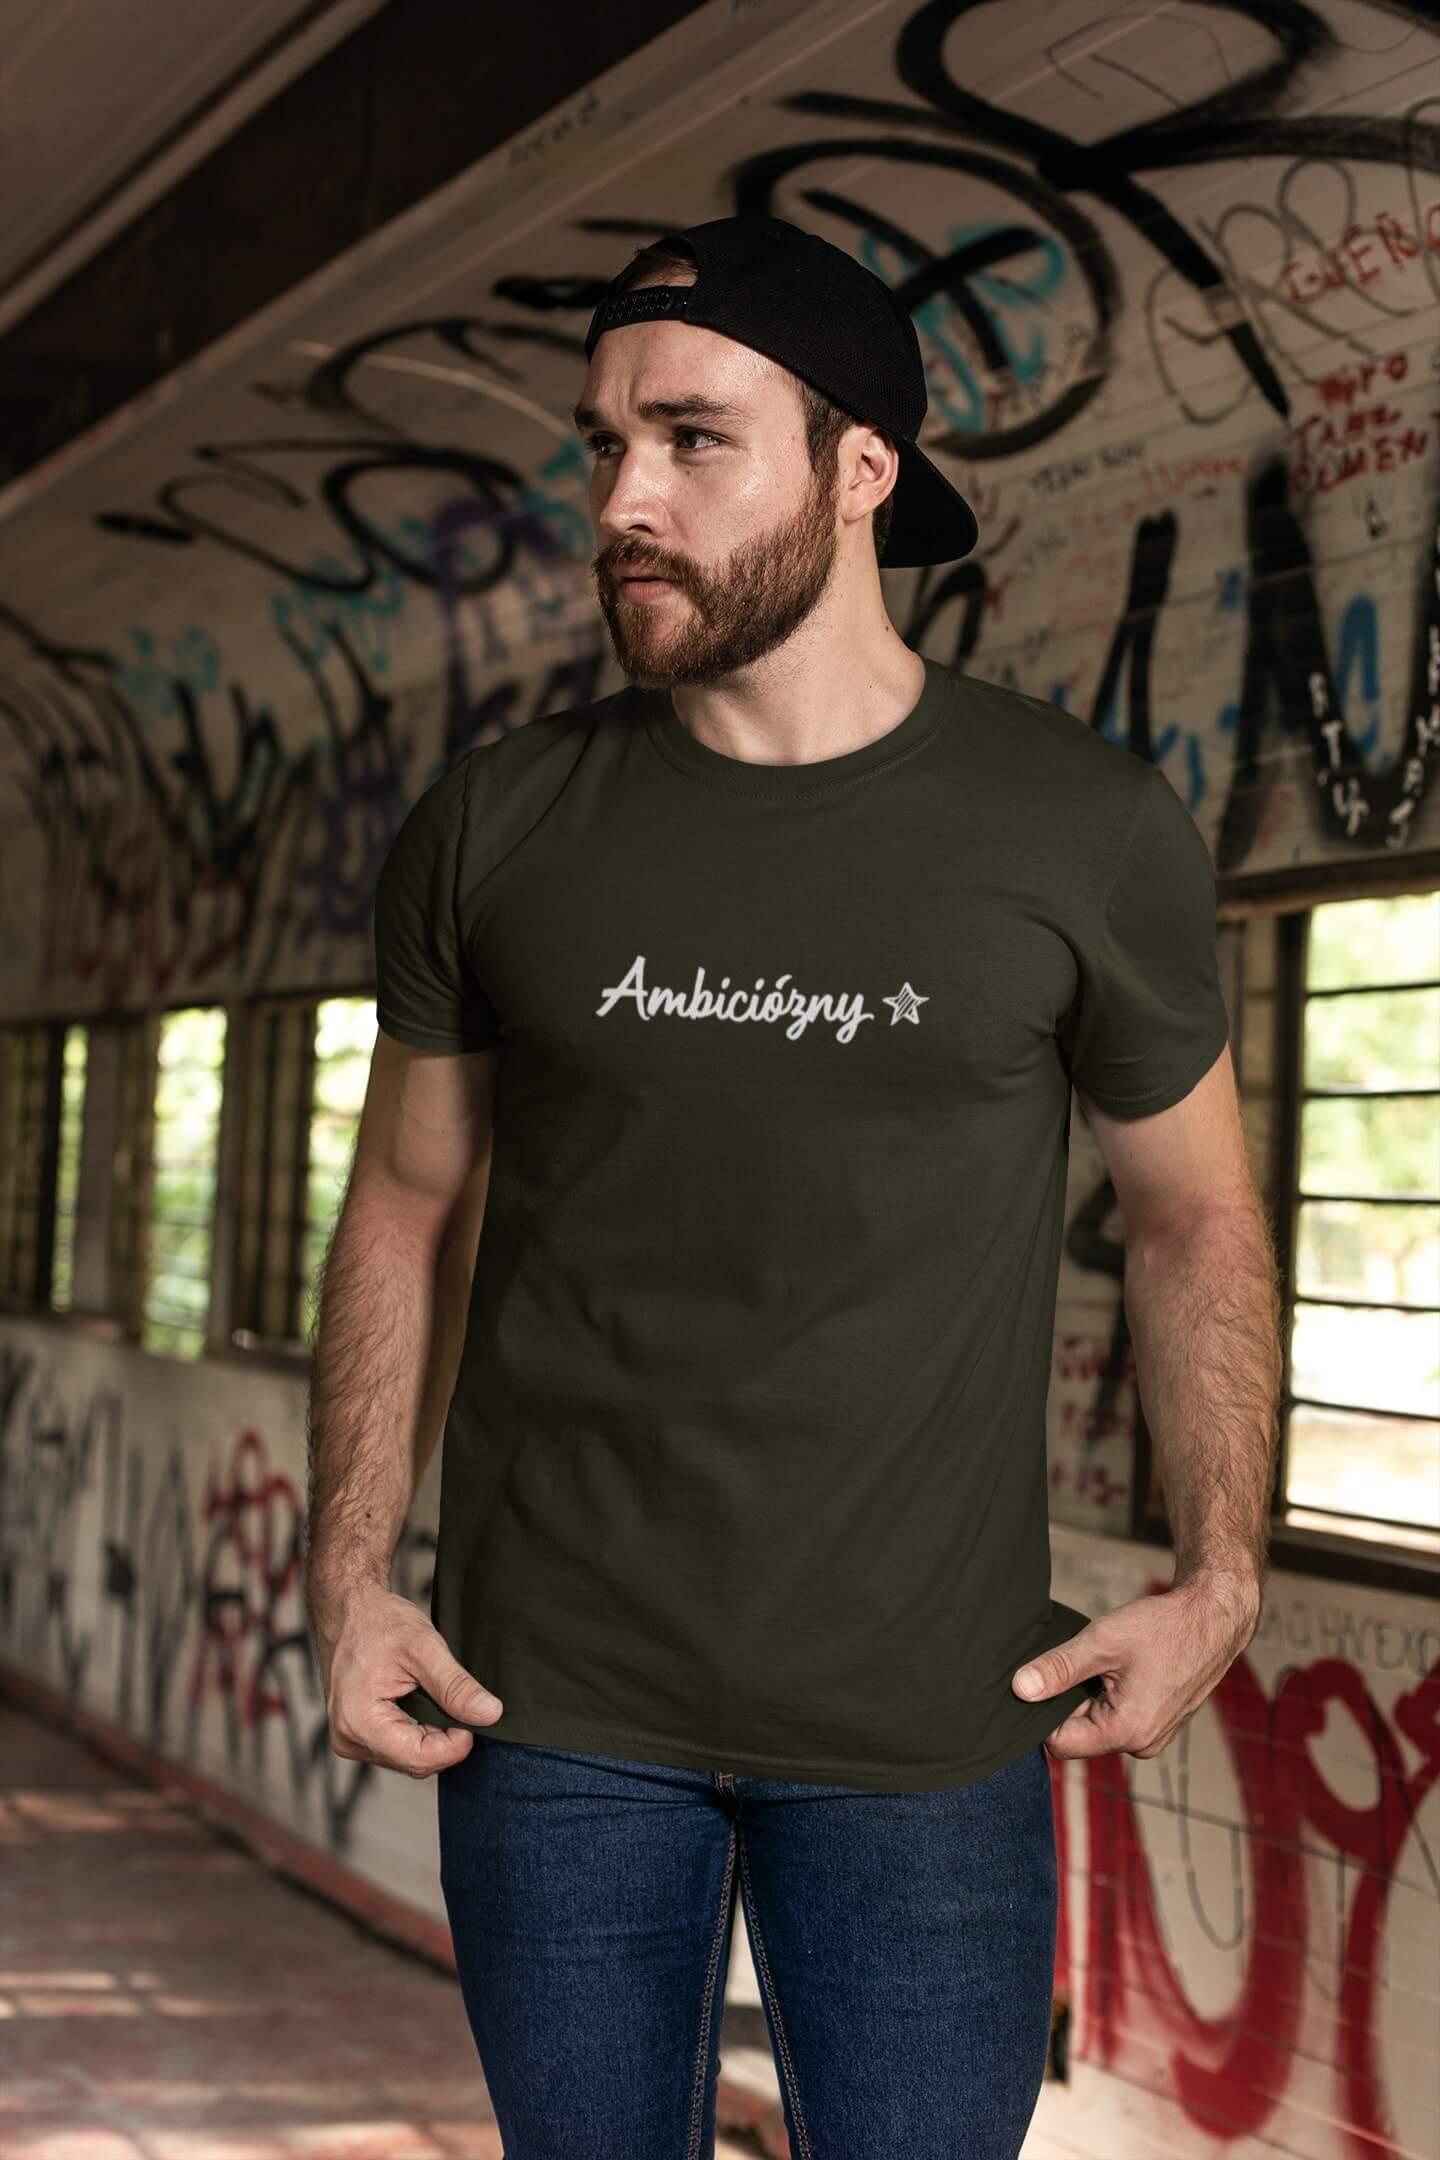 MMO Pánske tričko Ambiciózny Vyberte farbu: Military, Vyberte veľkosť: XS